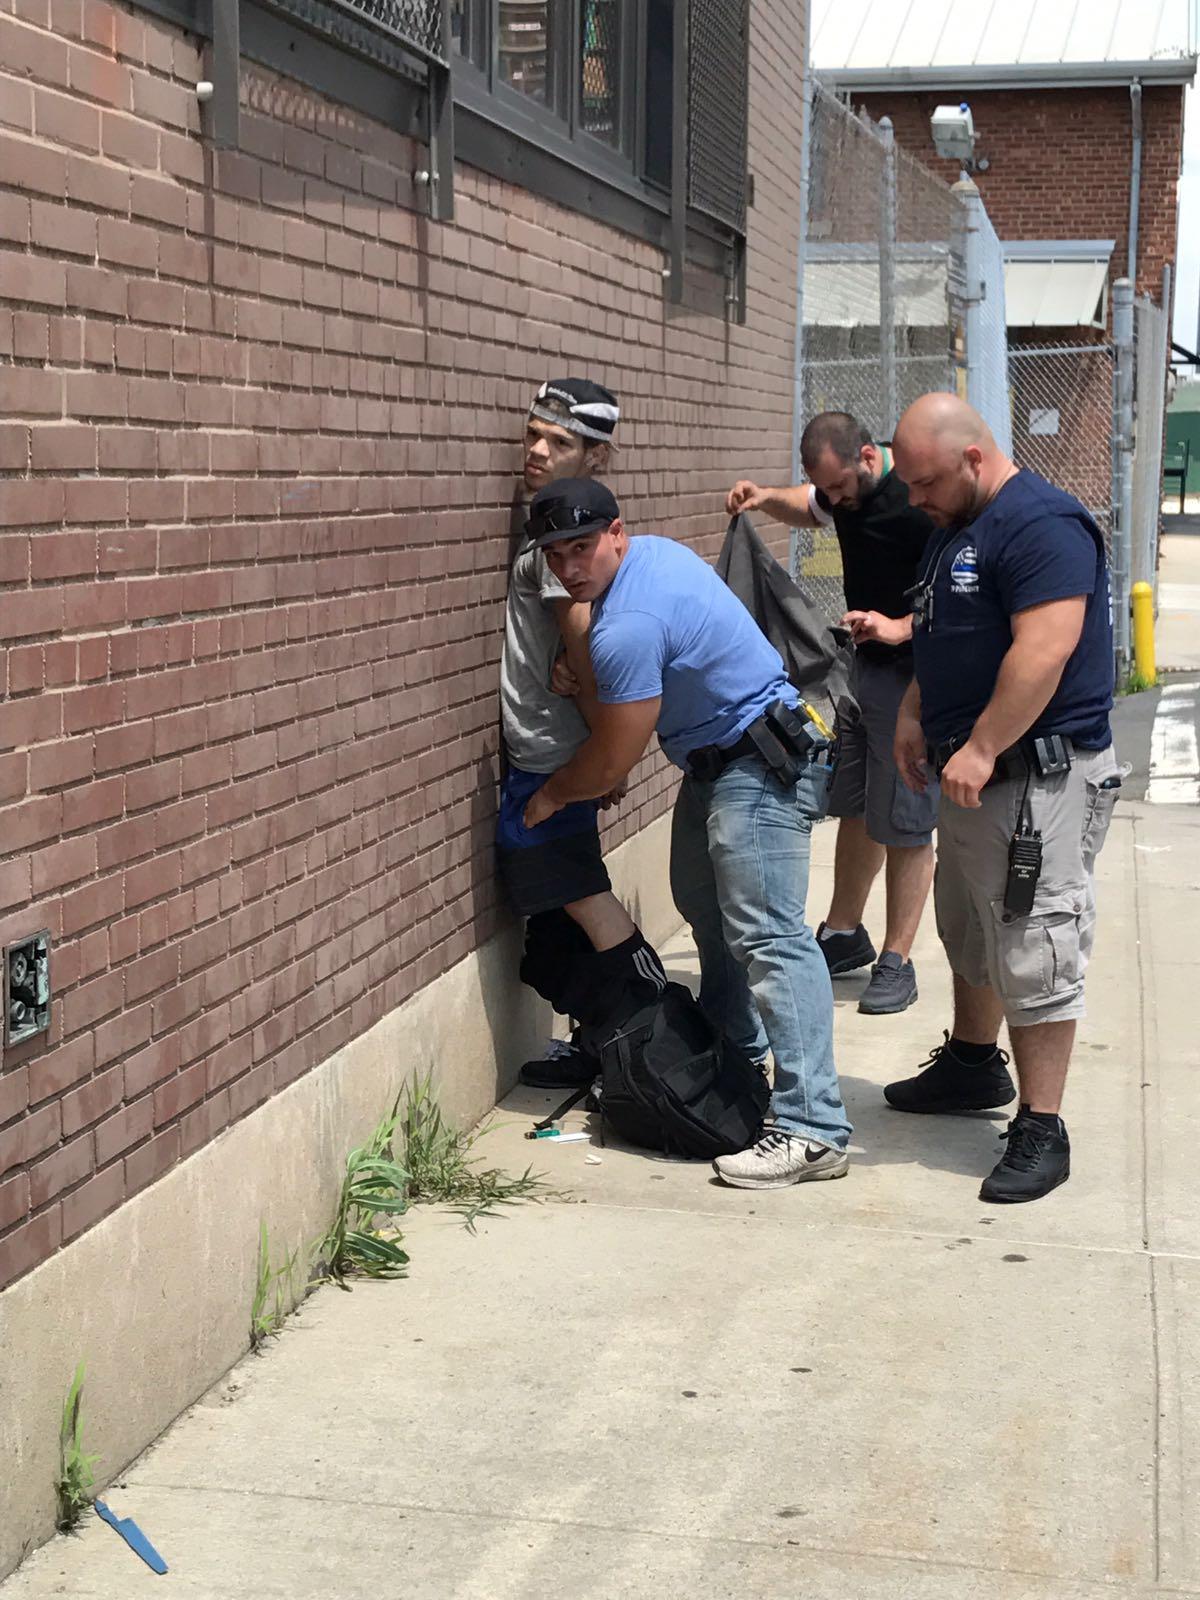 צפו: שוטרים מקצוענים לוכדים גנב בשכונה החרדית